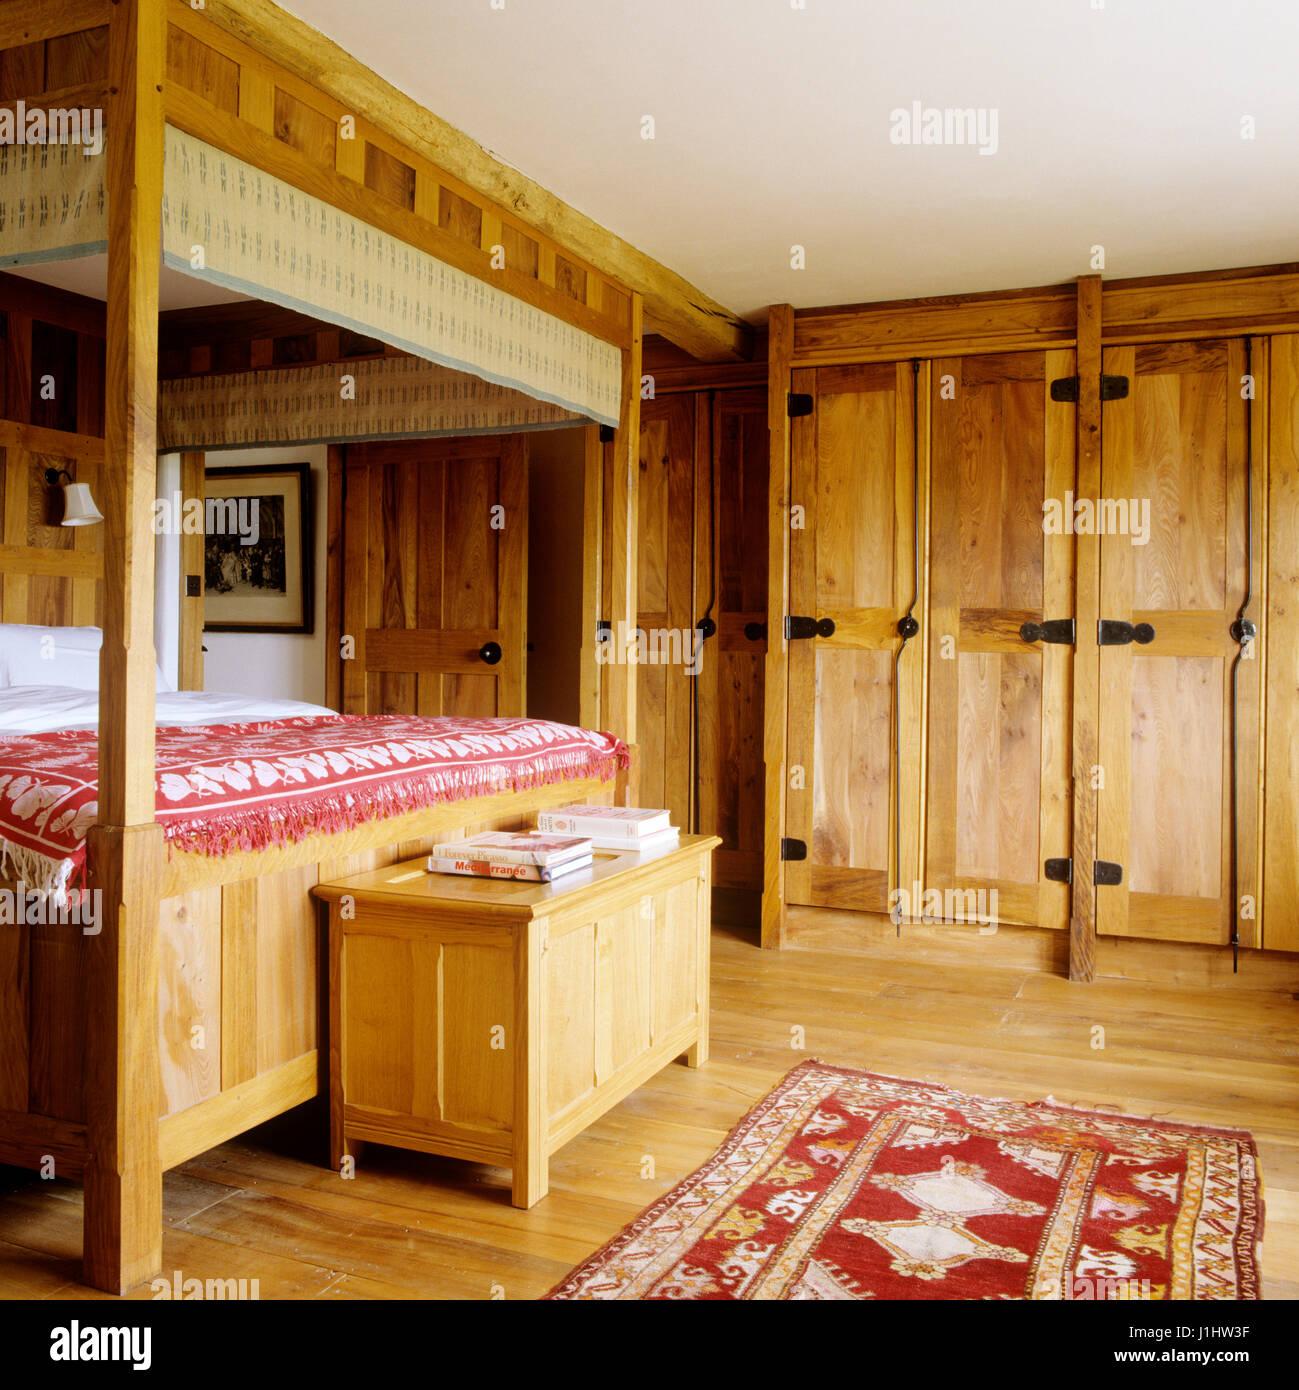 Himmelbett Im Land Stil Schlafzimmer.